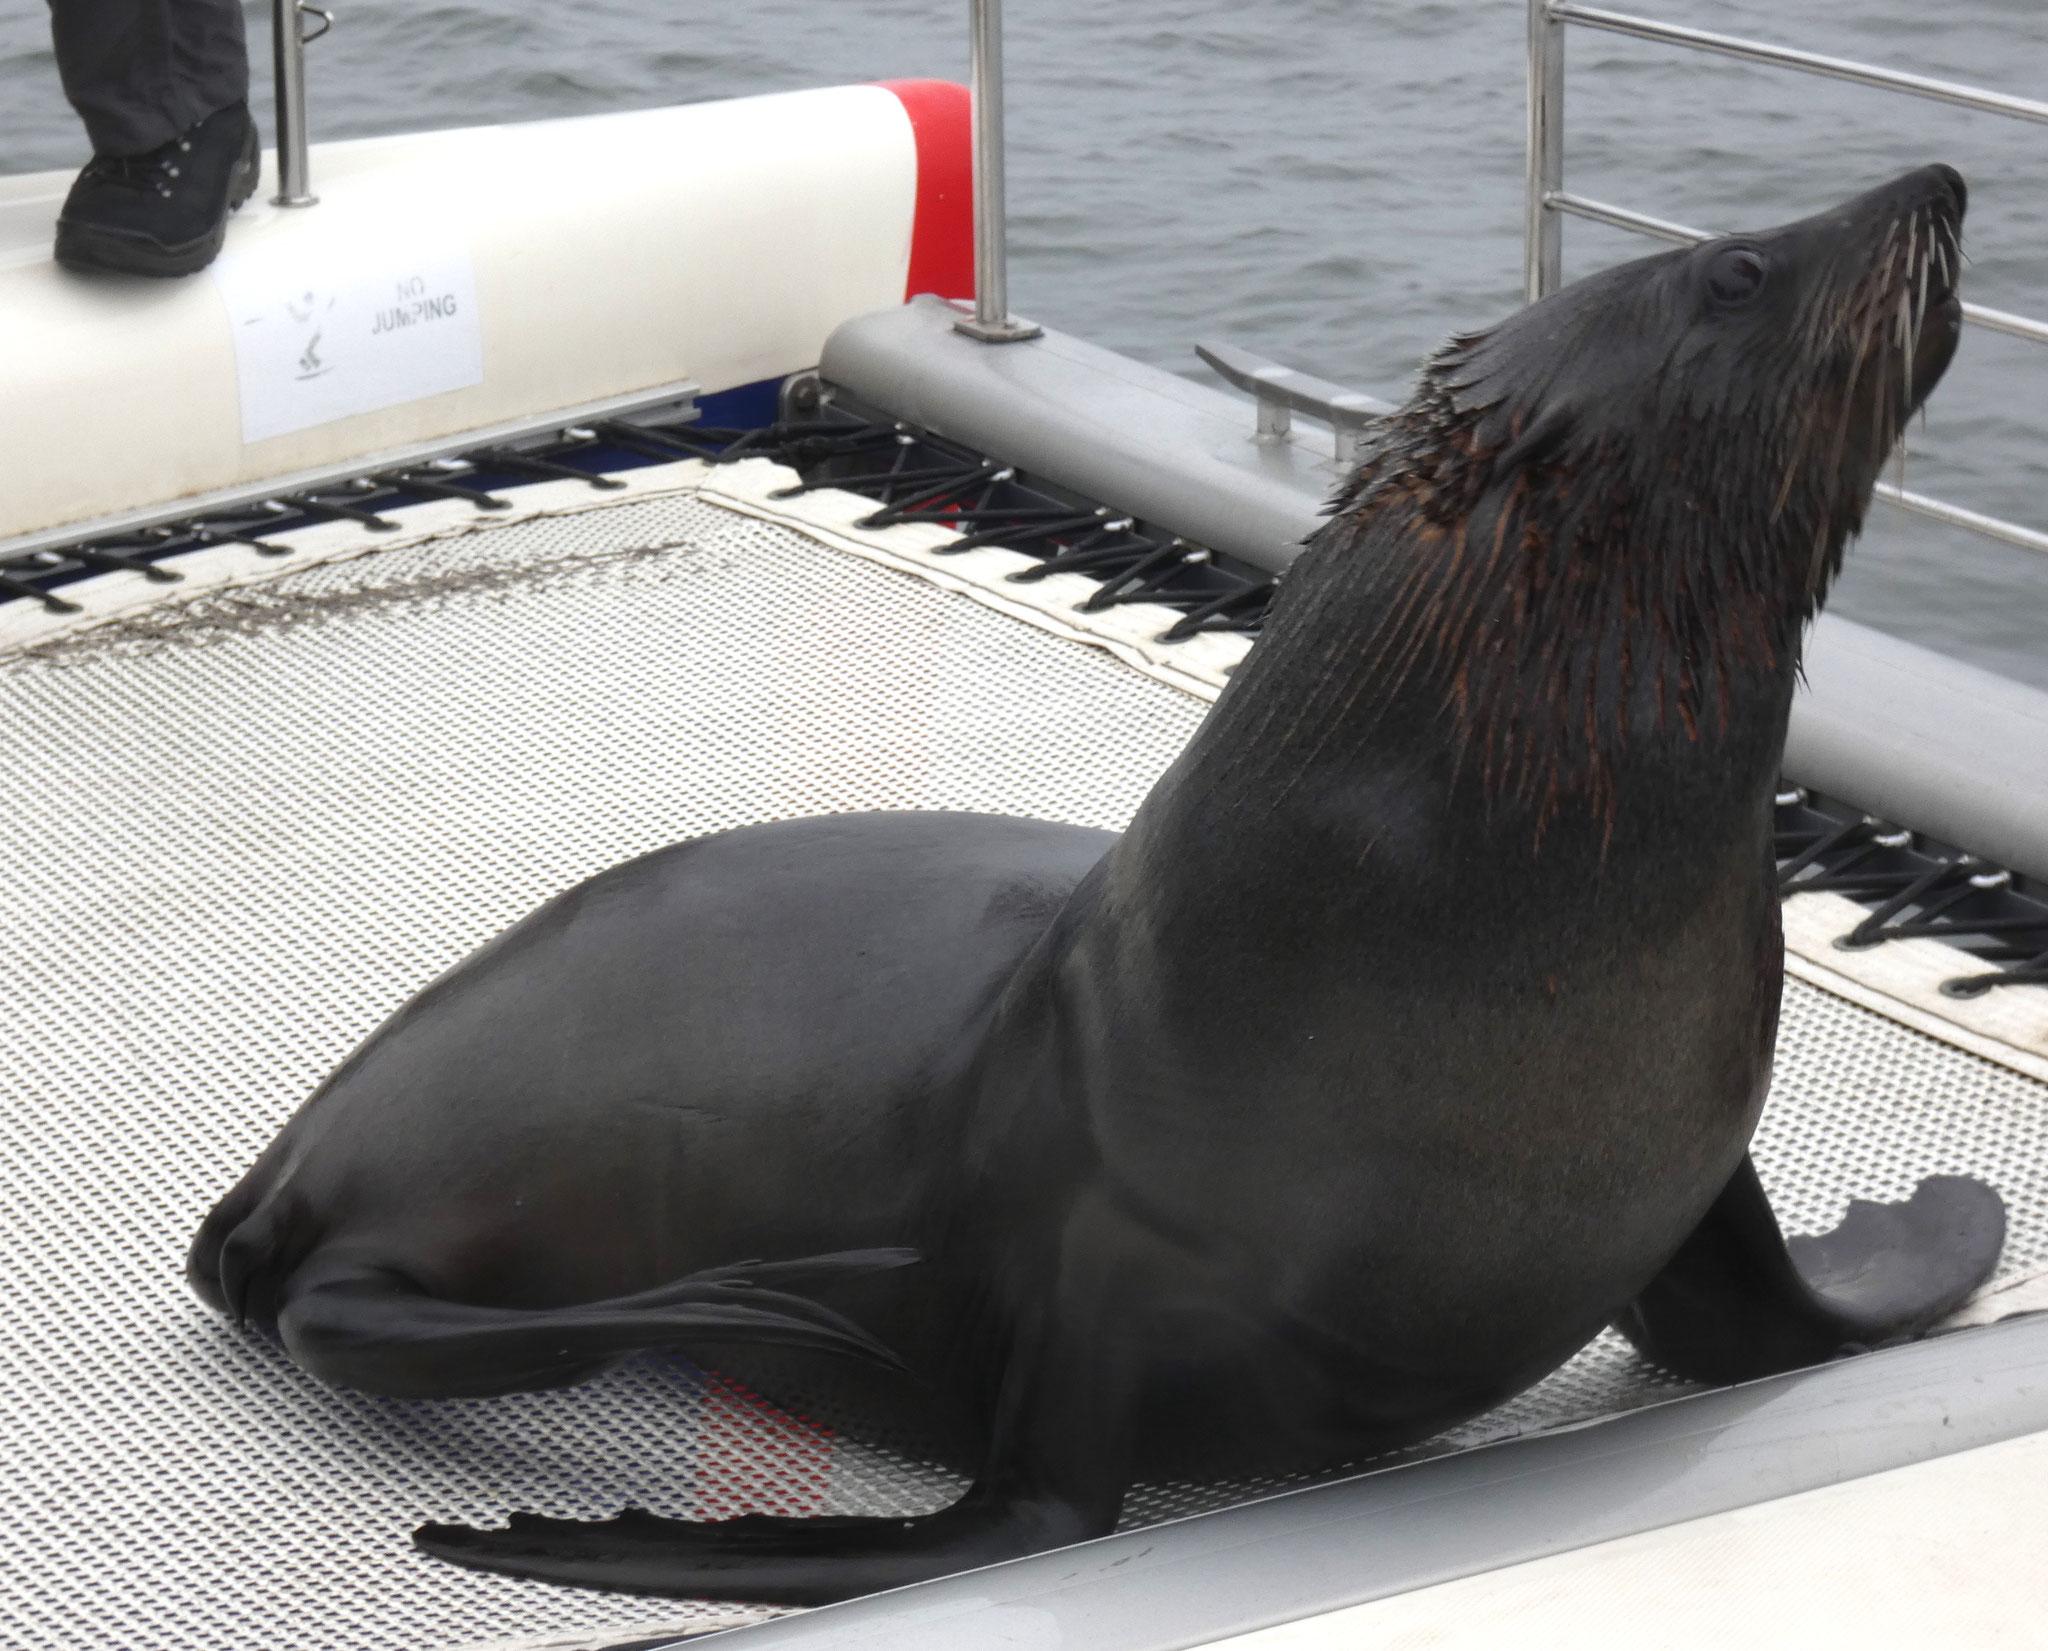 Kappelzrobben auf dem Boot